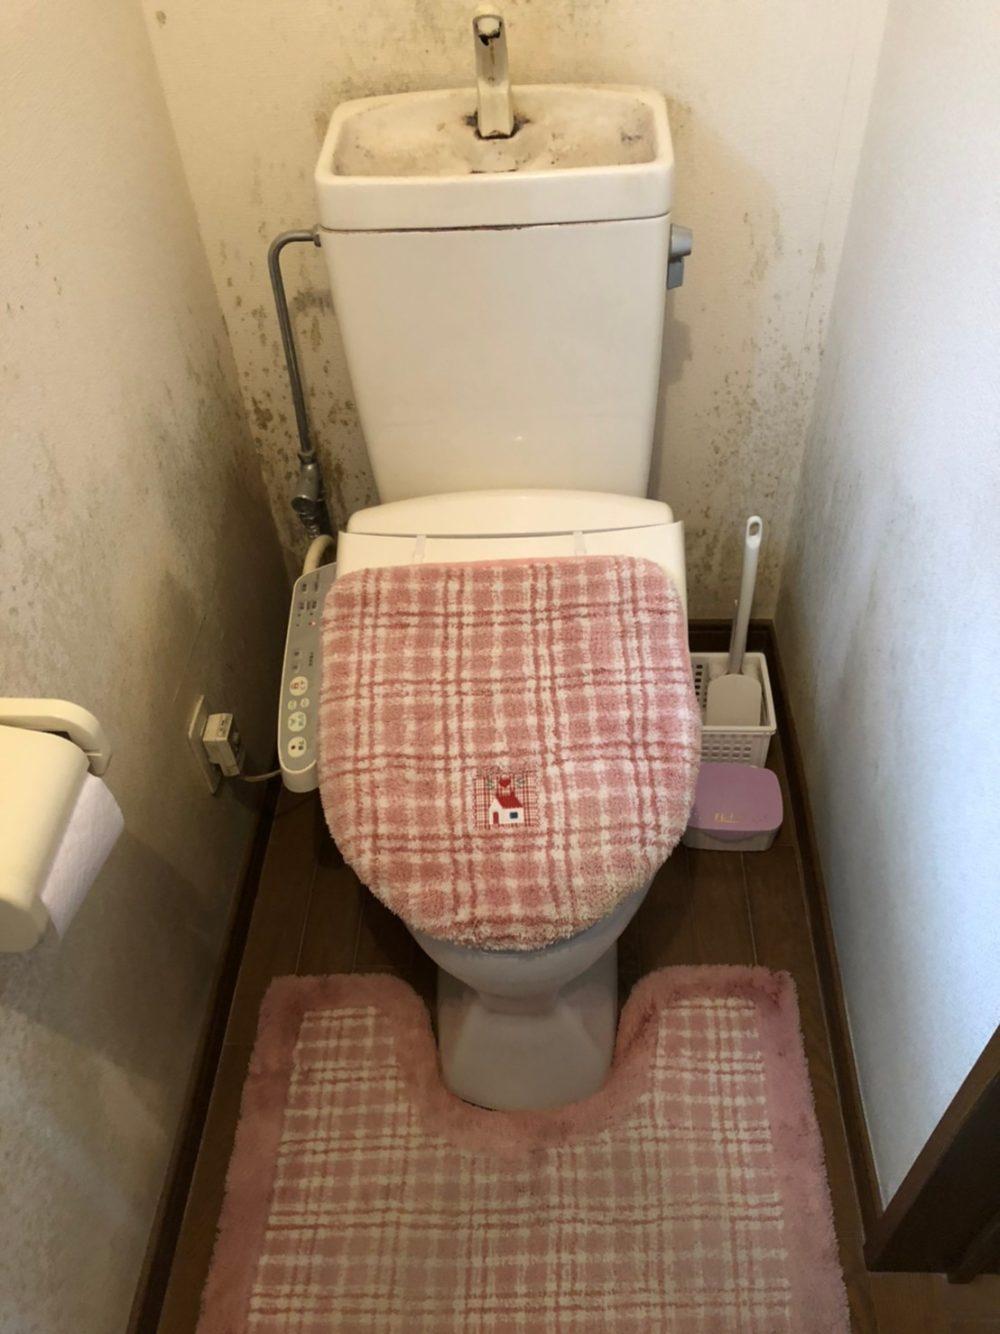 高崎市にてトイレの水漏れの影響でカビが発生したとのことで現場調査に行ってきました!